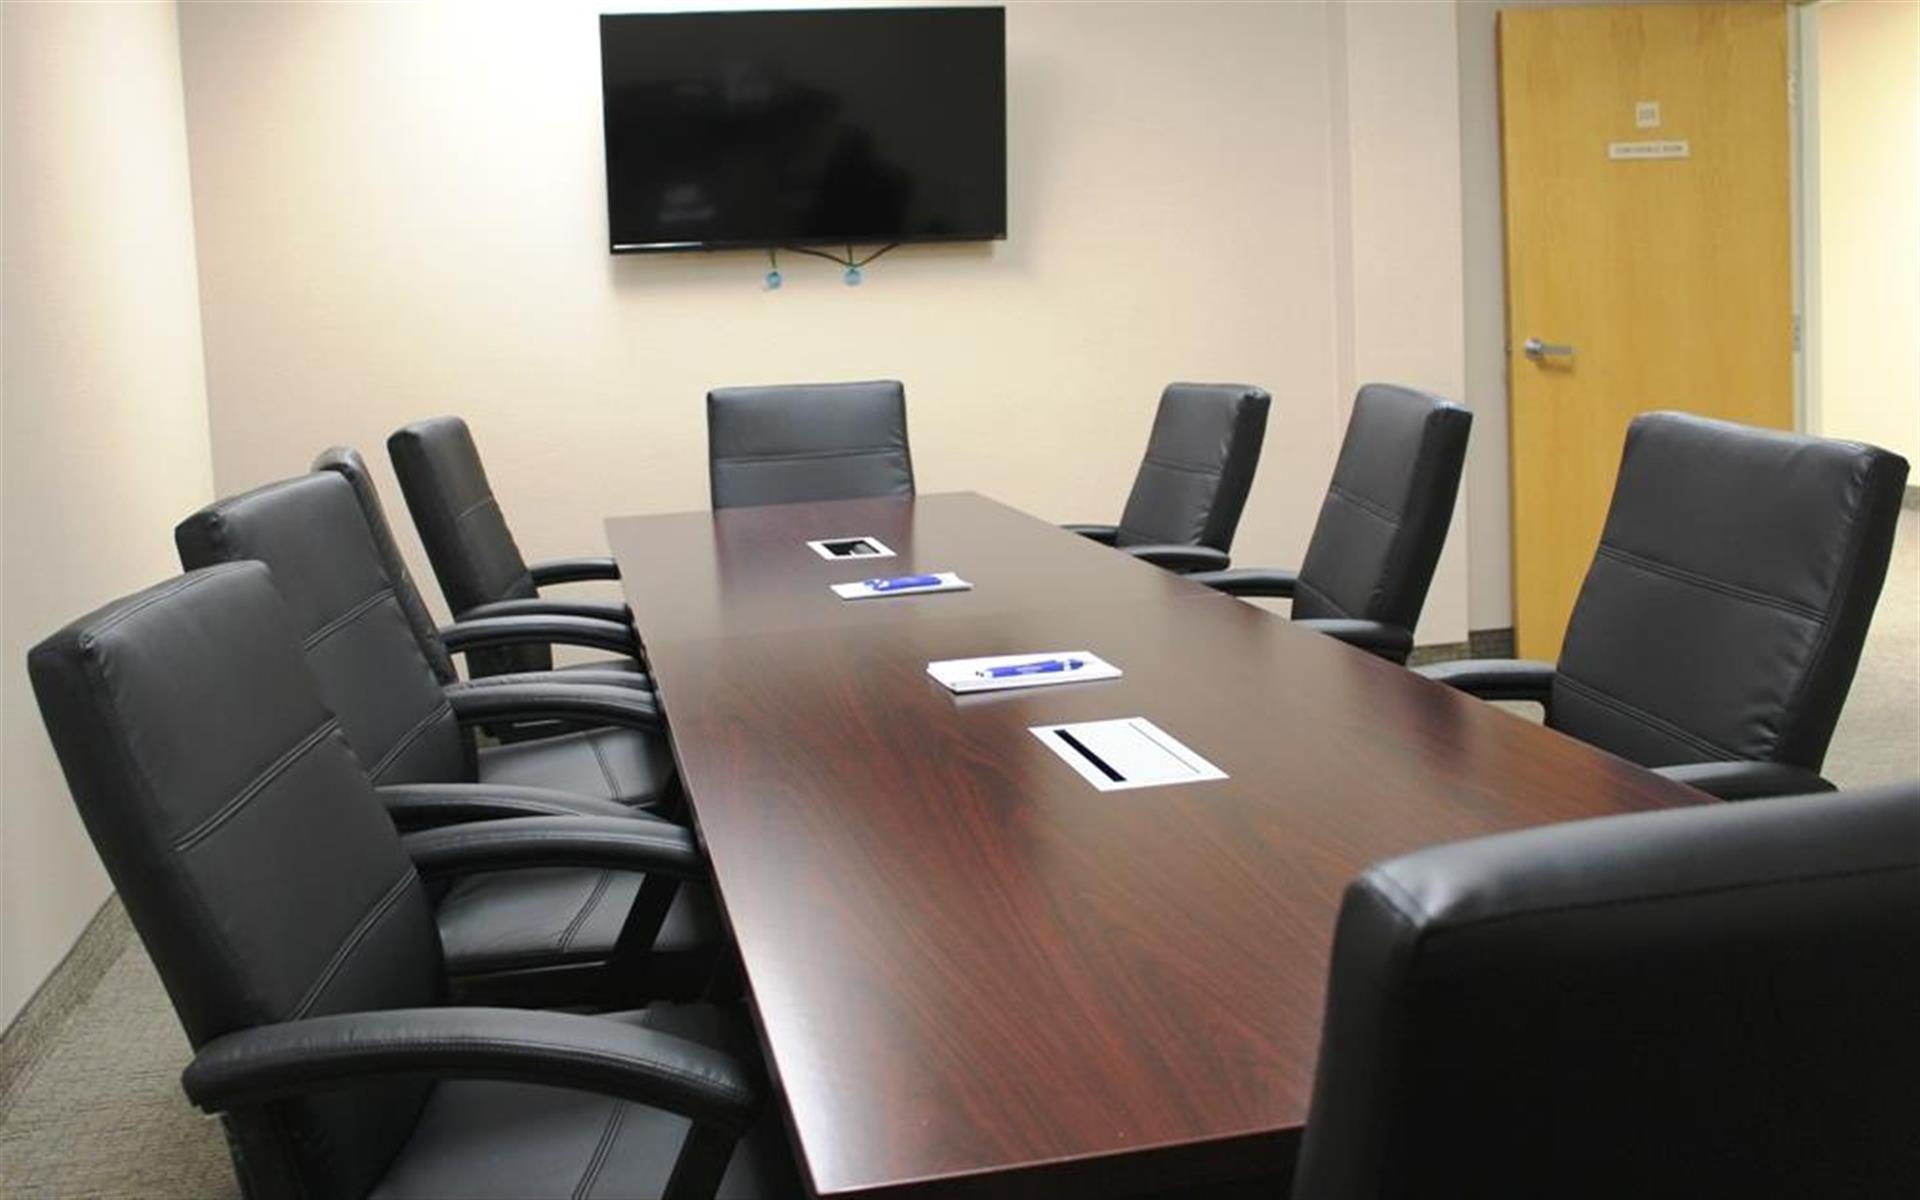 Atrium Executive Center, Mt. Laurel, NJ - Boardroom 205